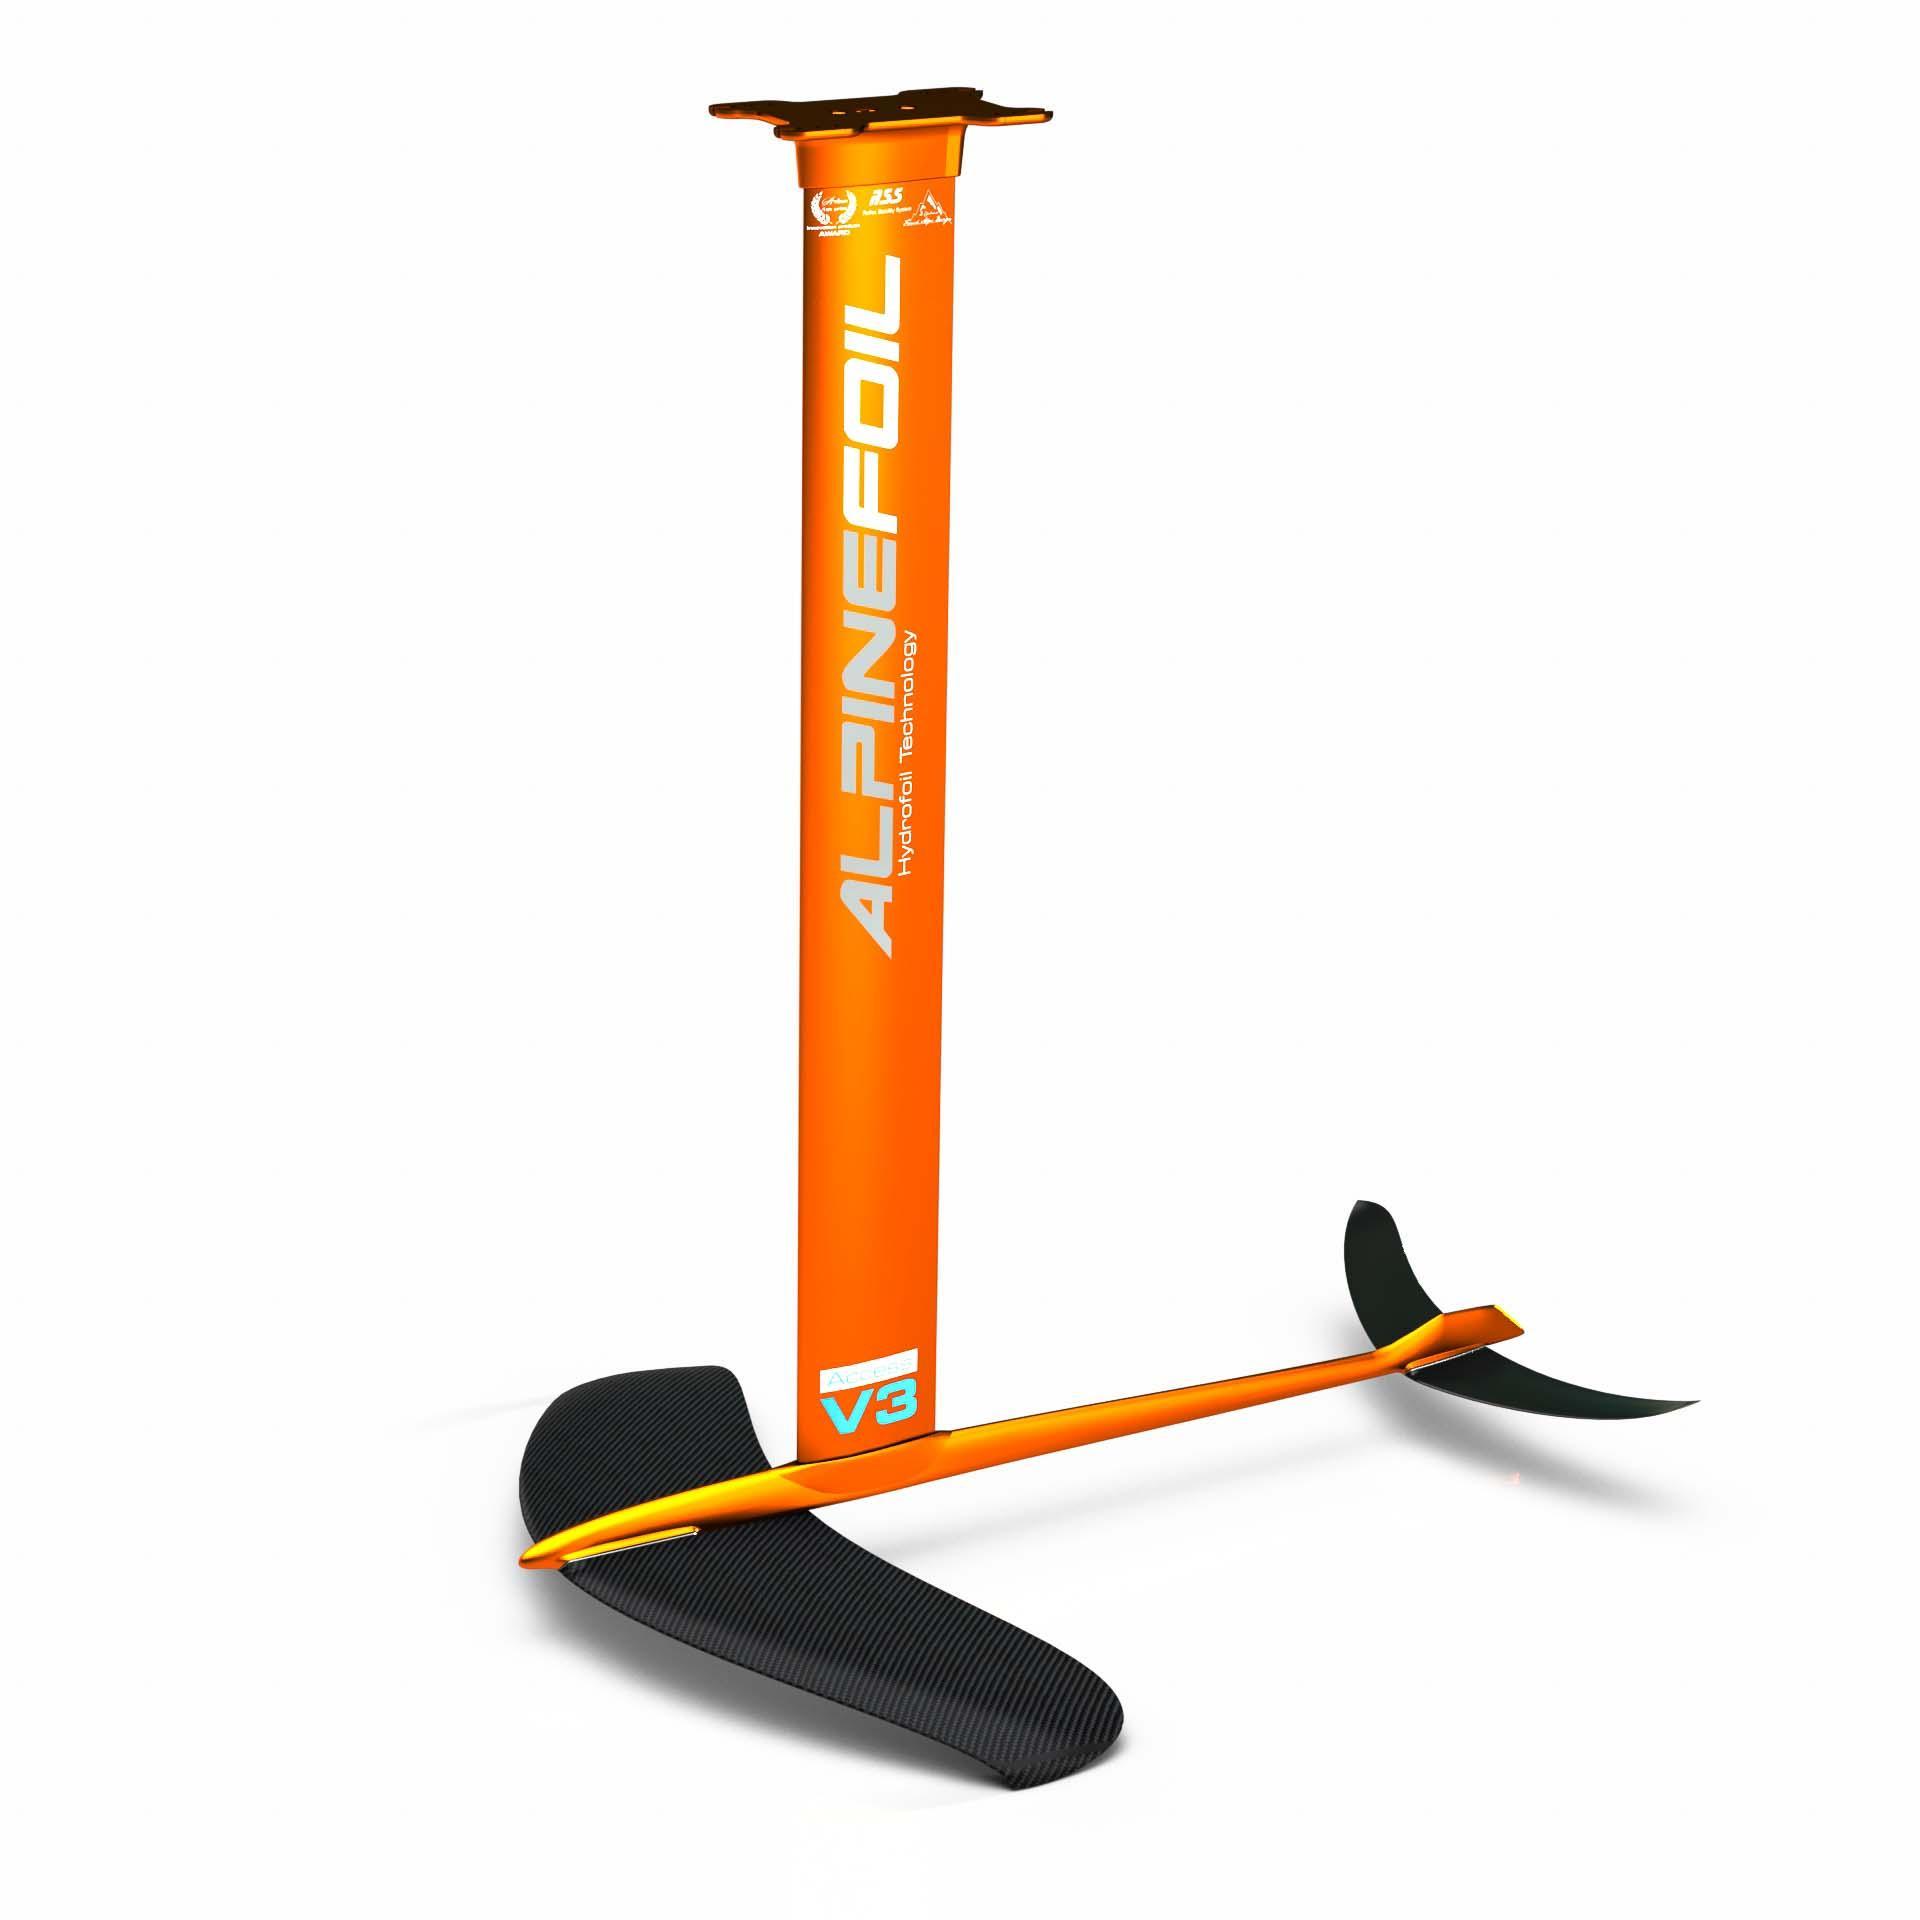 Kitefoil alpinefoil access 3 5 16